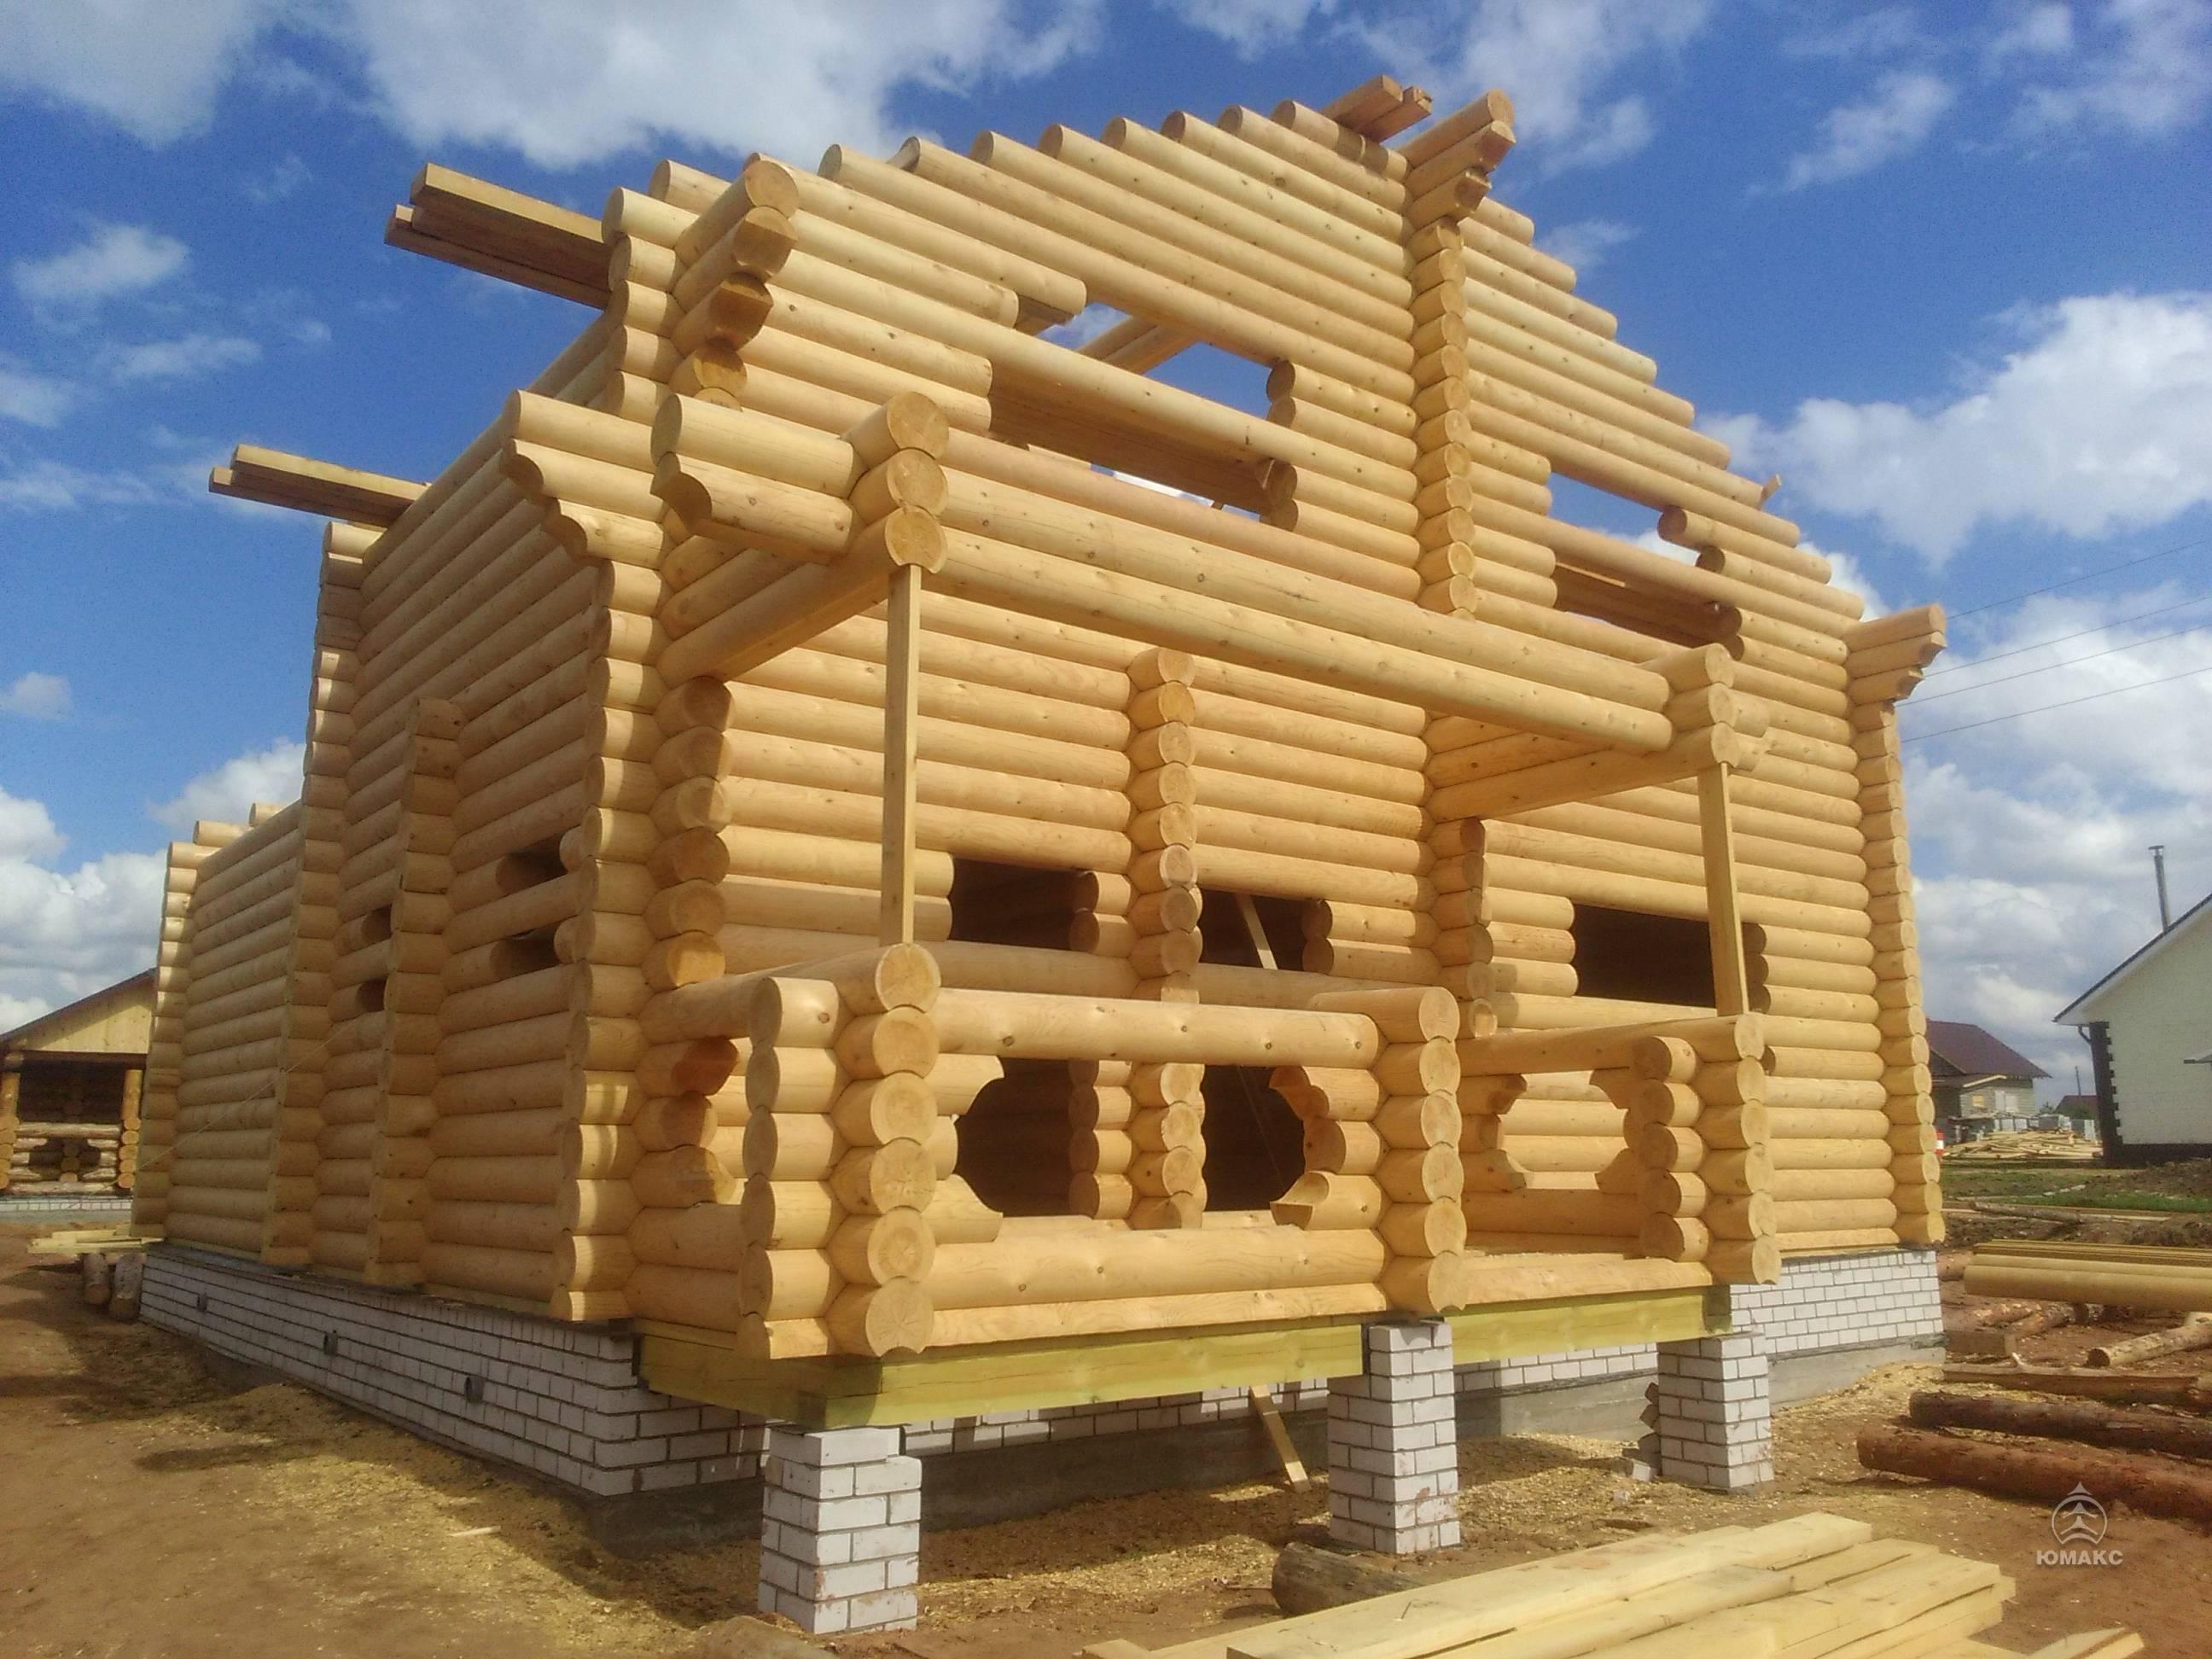 Дома из оцилиндрованного бревна (82 фото): строительство сруба и требования к цилиндрическому стройматериалу, одноэтажные деревянные строения, плюсы и минусы построек, отзывы владельцев